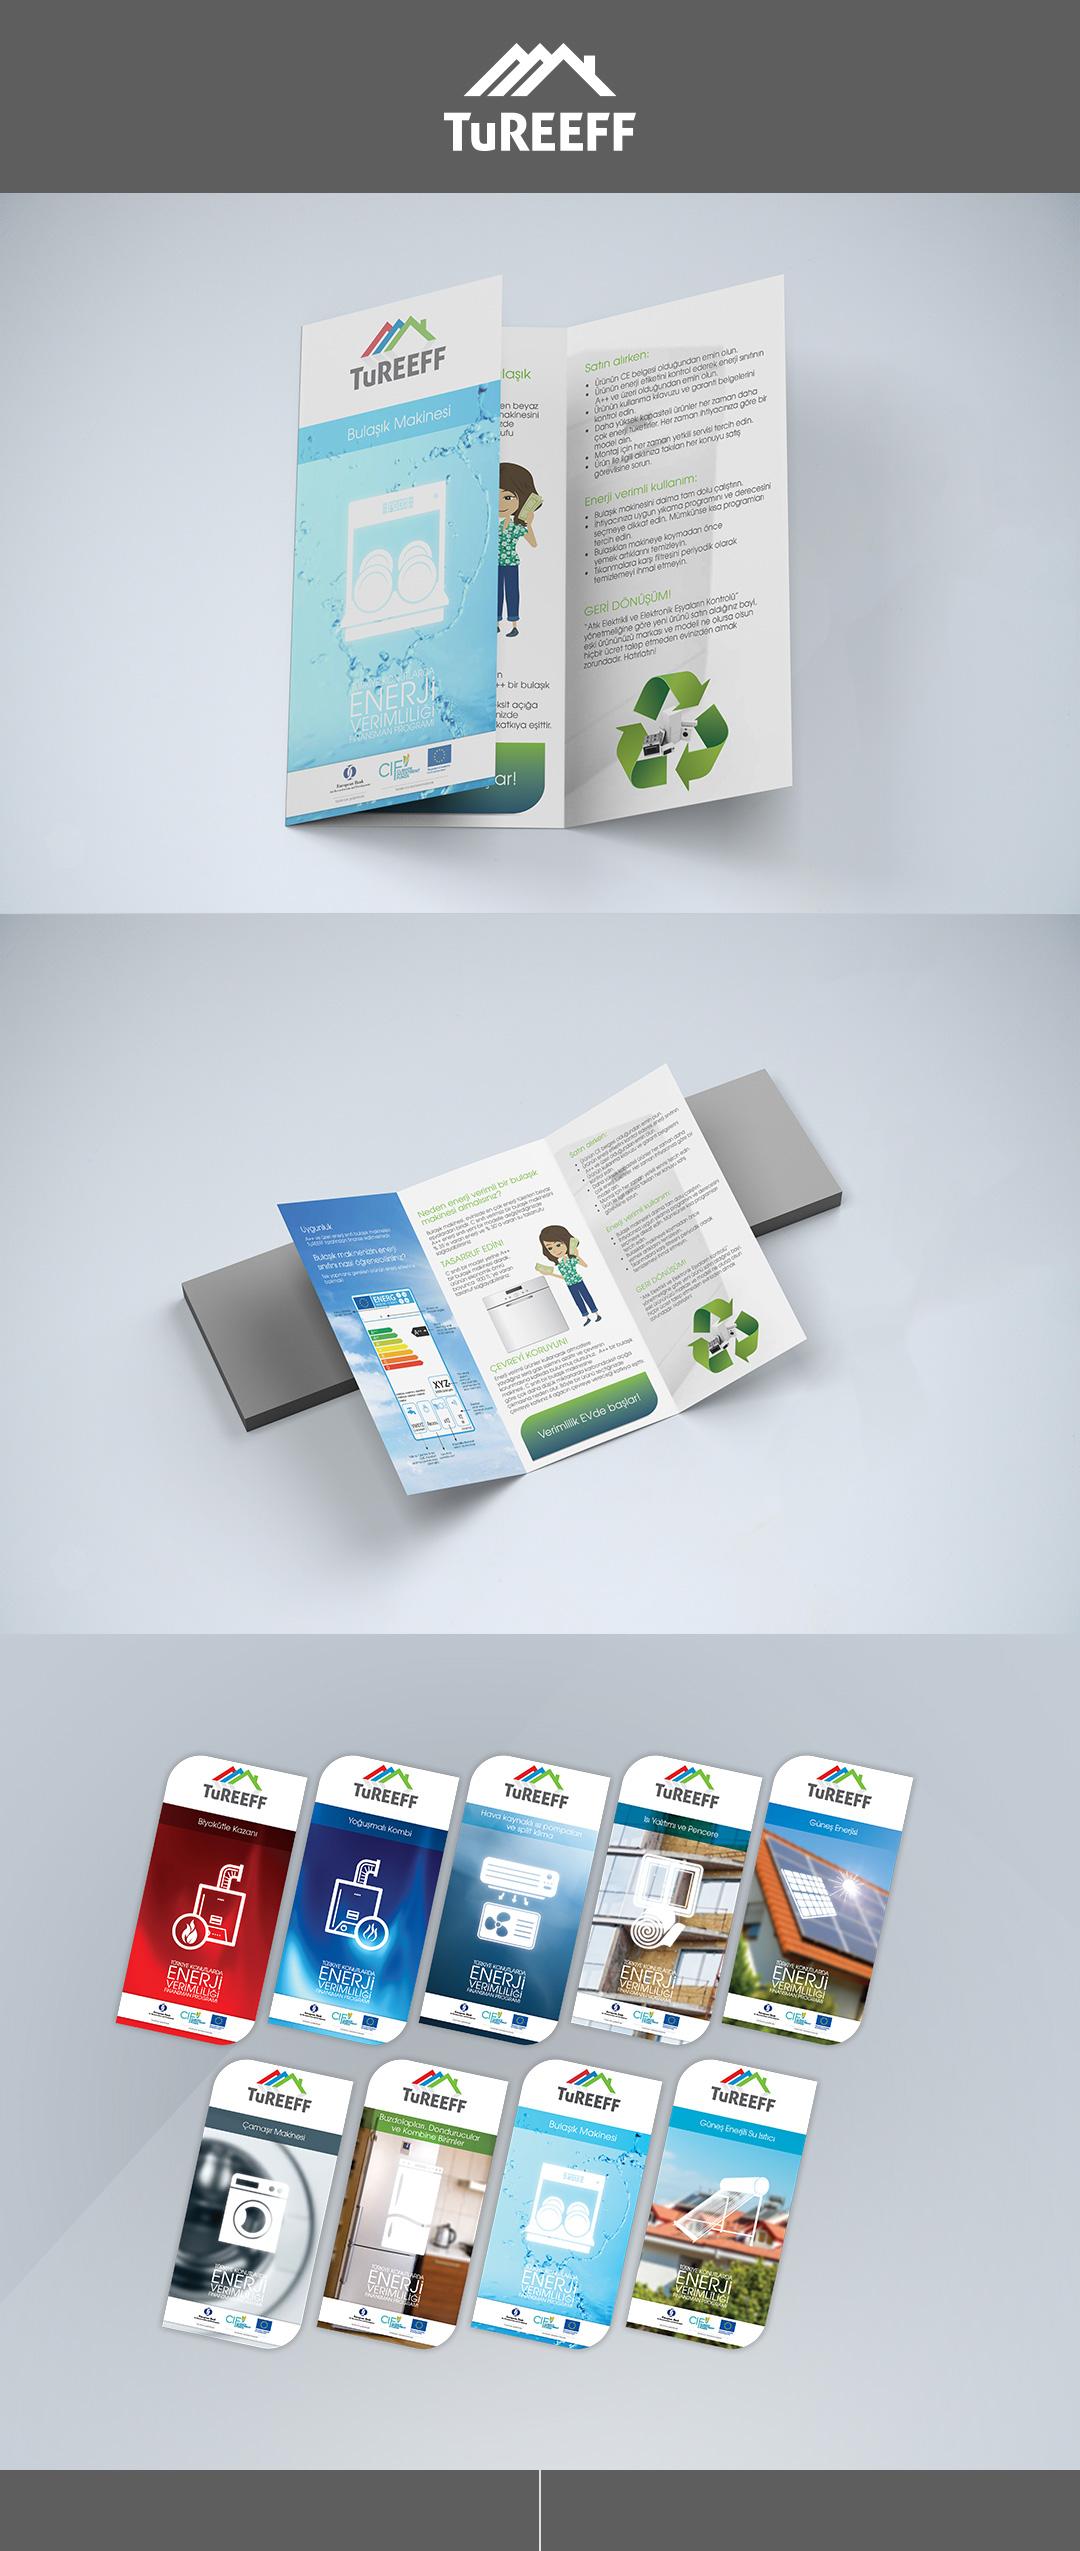 TuREEFF finansman türleri için hazırlanan broşürler